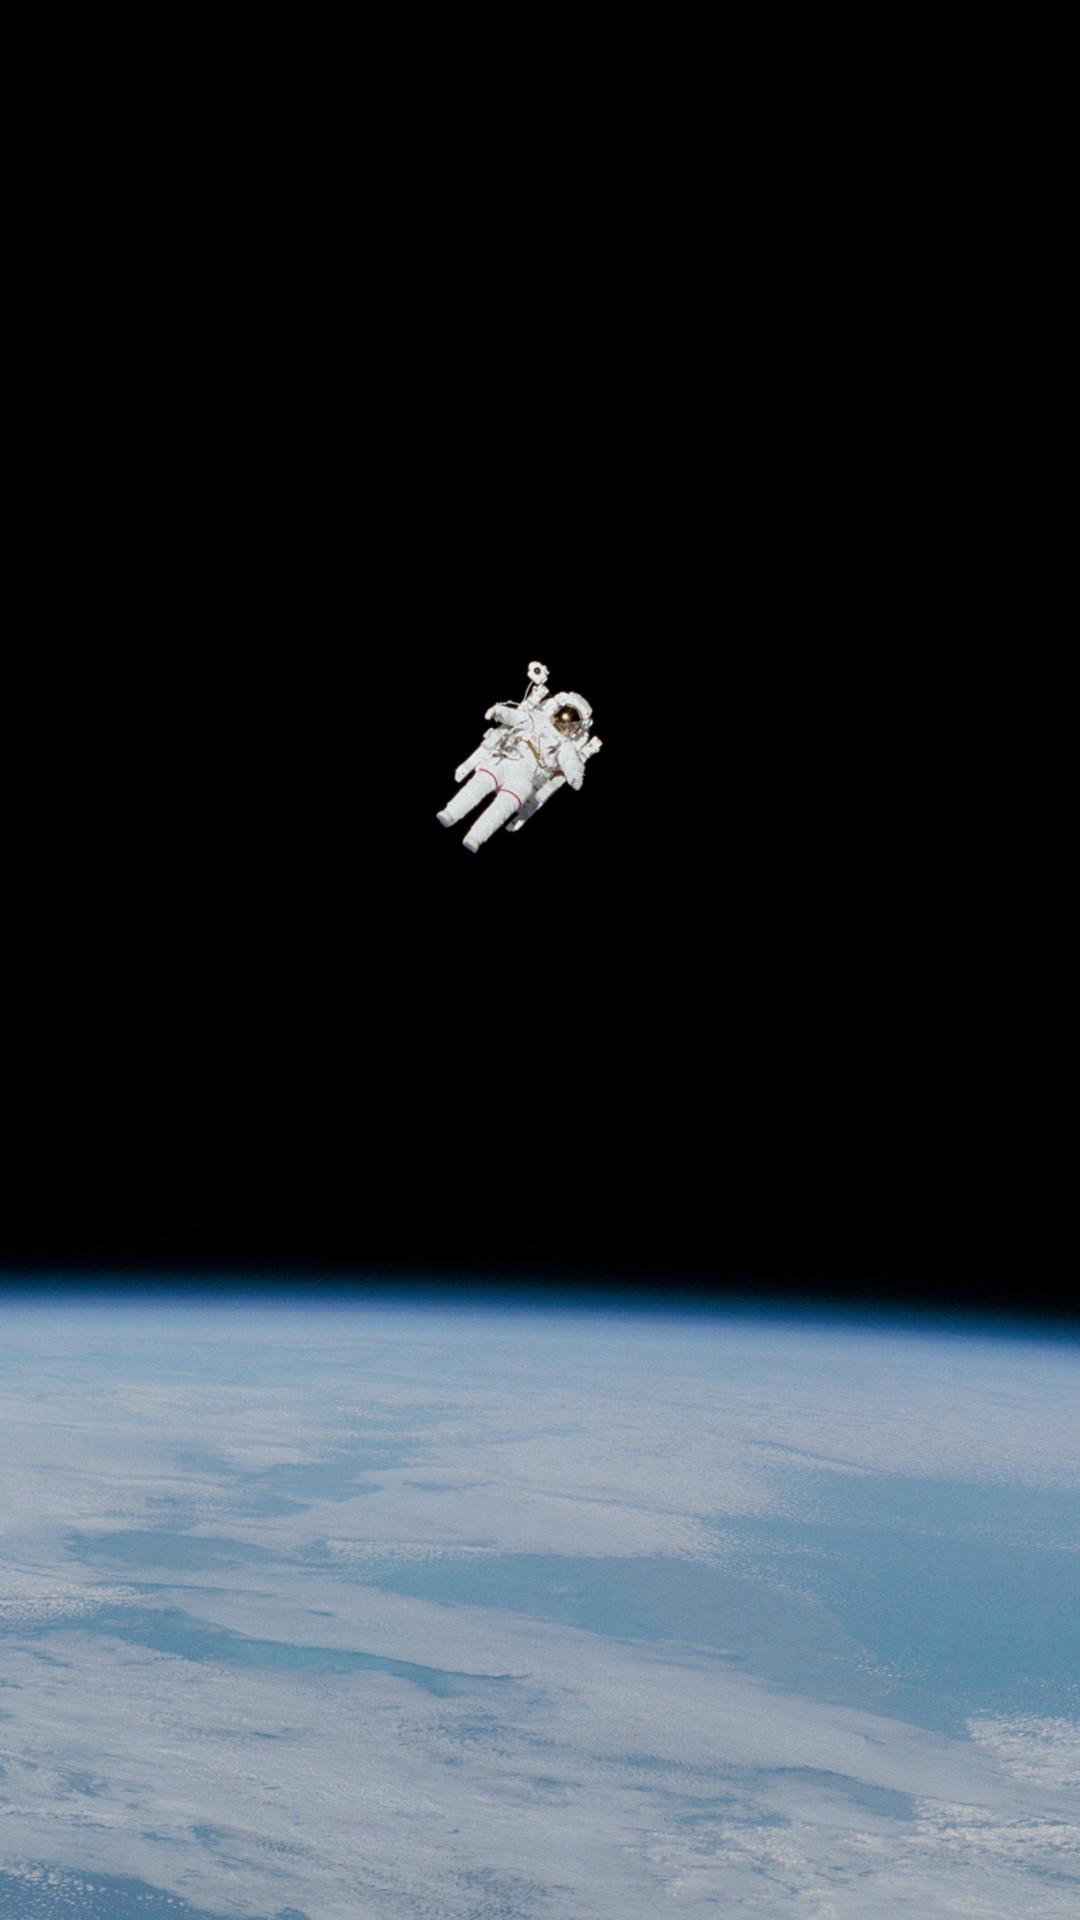 士 宇宙 飛行